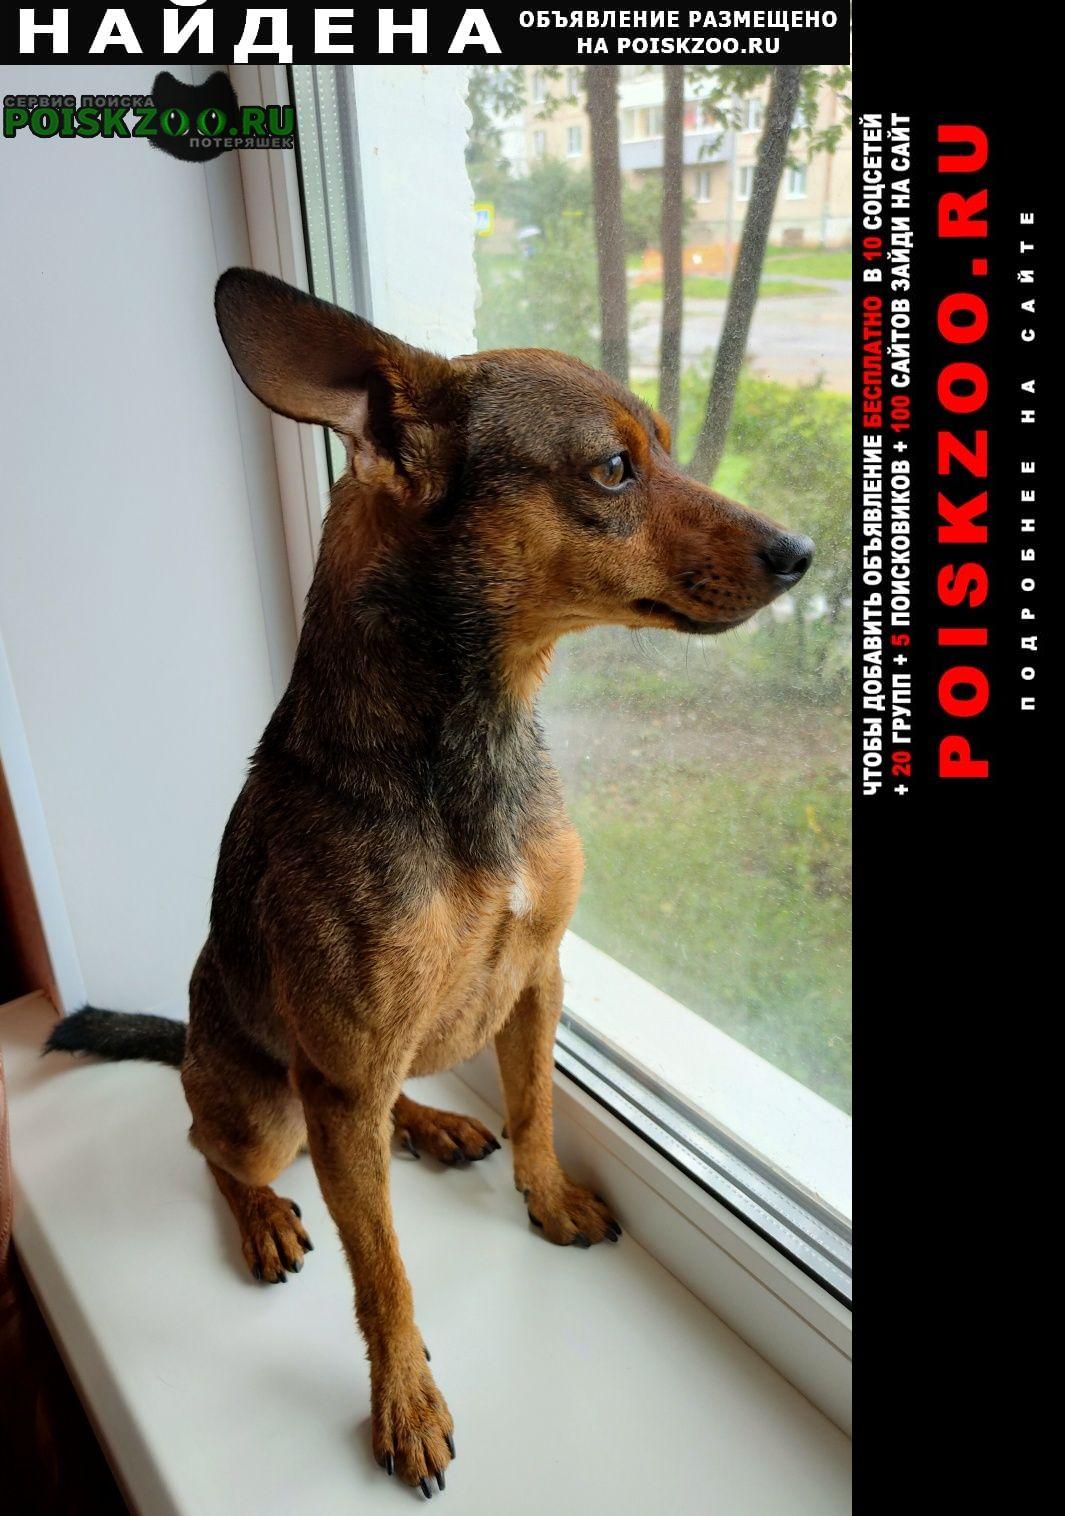 Найдена собака кобель Йошкар-Ола